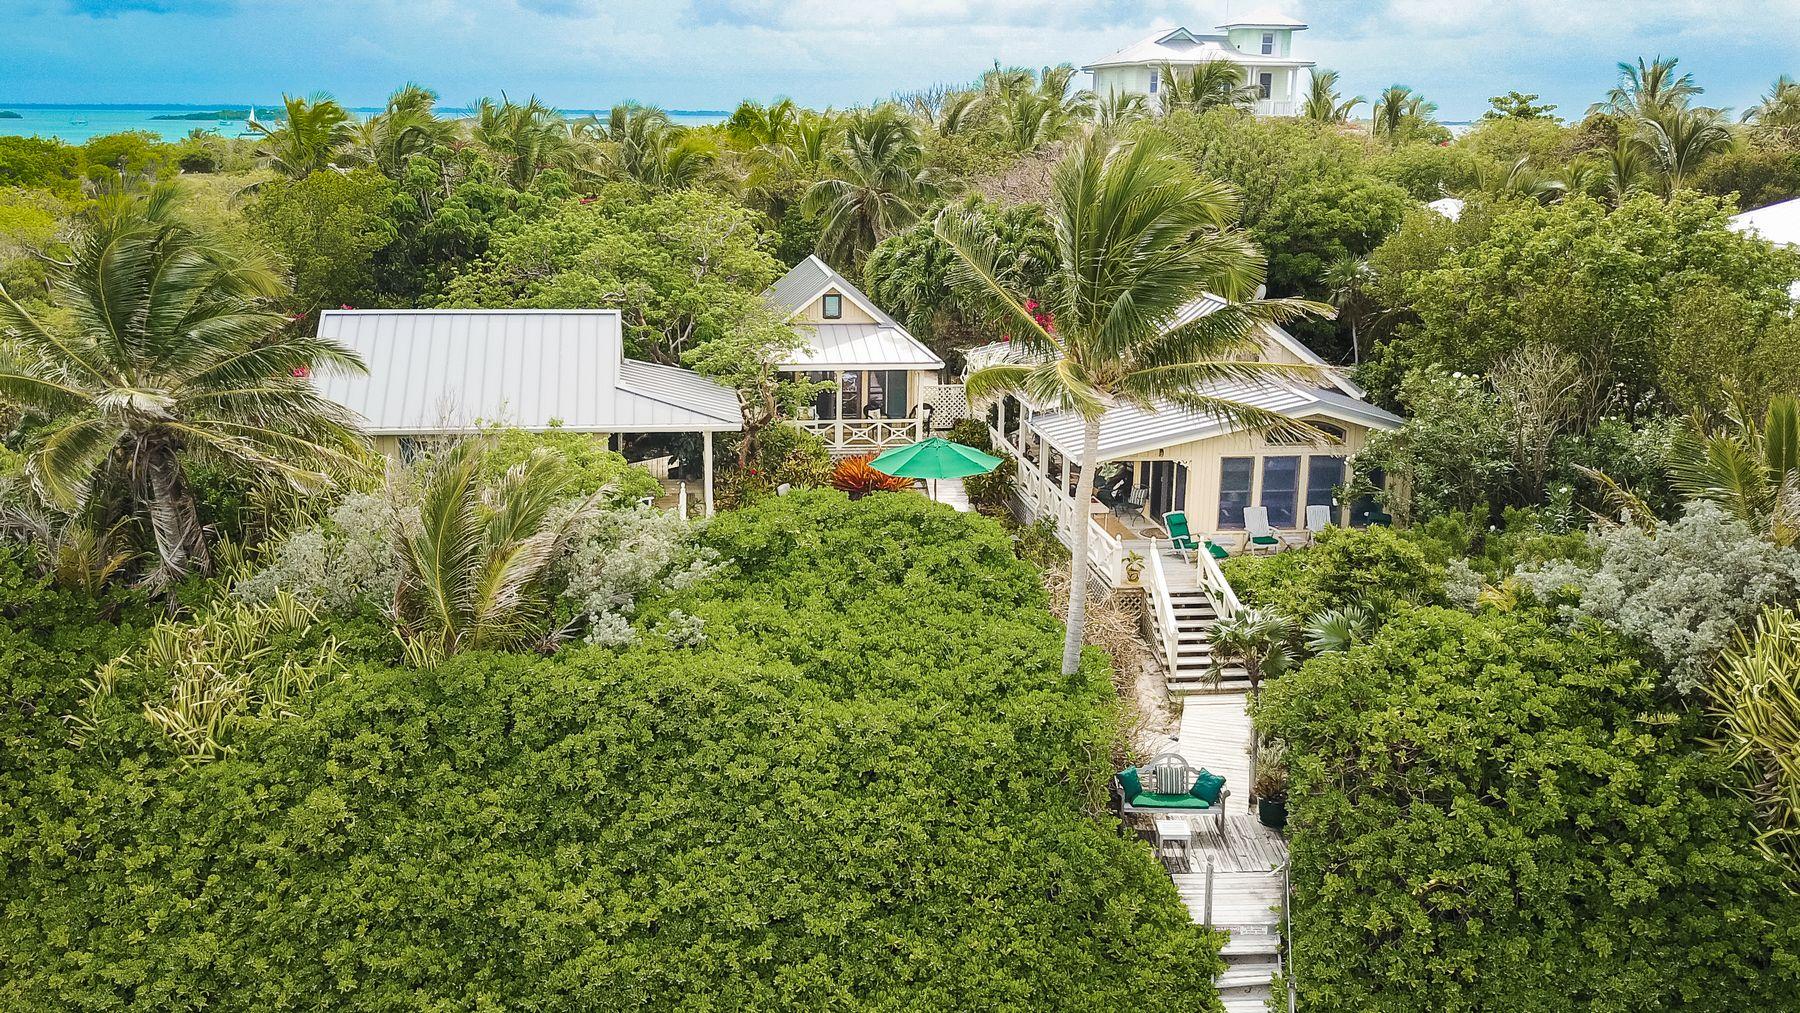 独户住宅 为 销售 在 Gumelemi Ridge Other Bahamas, 巴哈马的其他地区 巴哈马